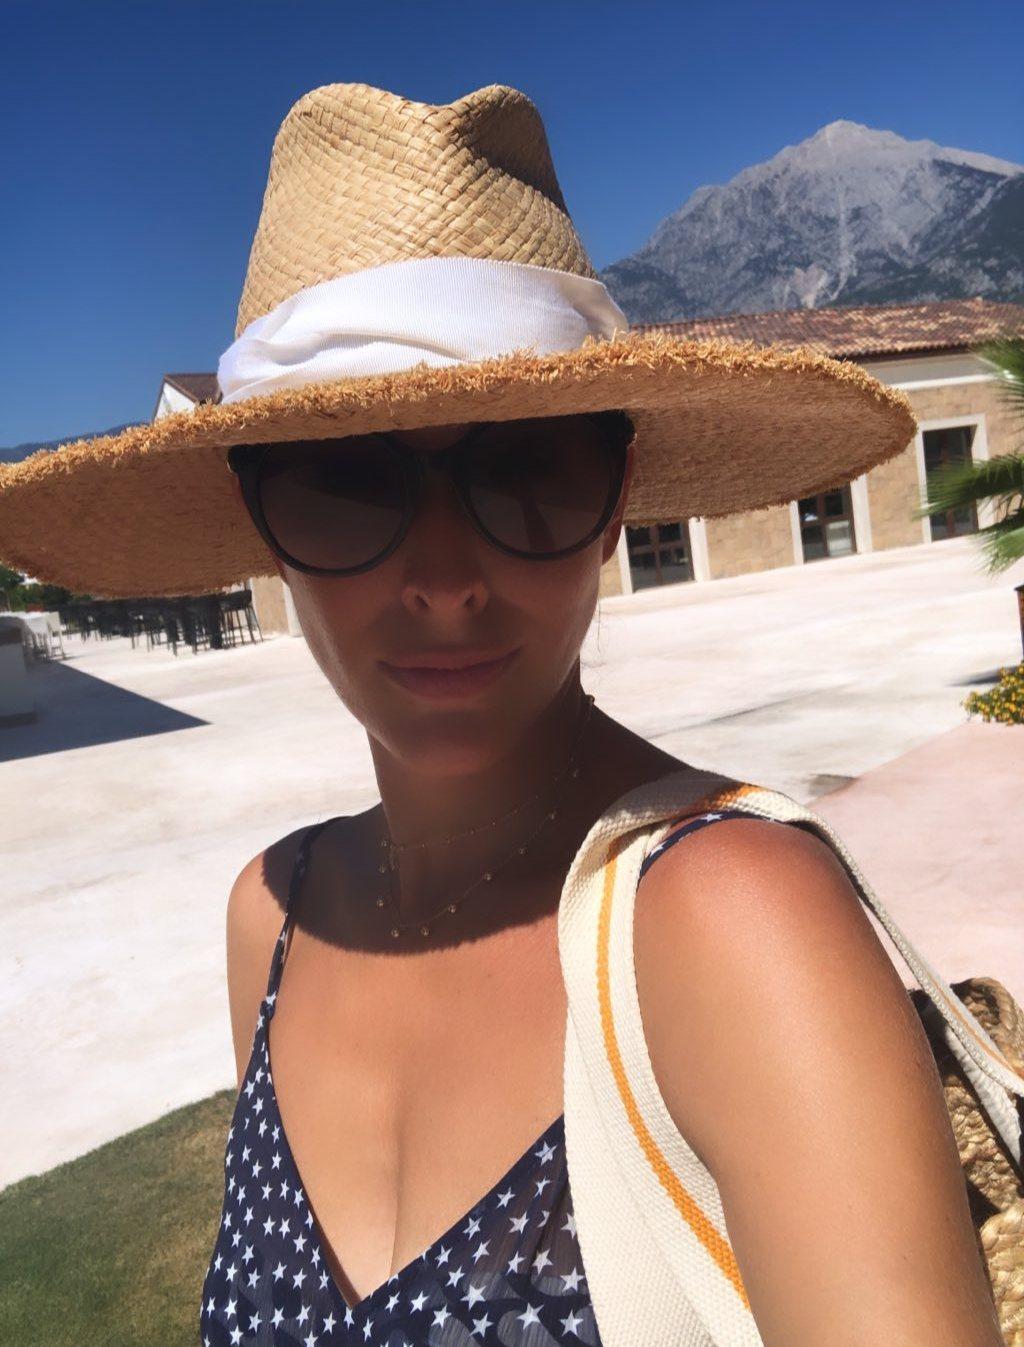 Життя в синіх барвах: Катя Осадча надихнула ультрастильным образом з Туреччини